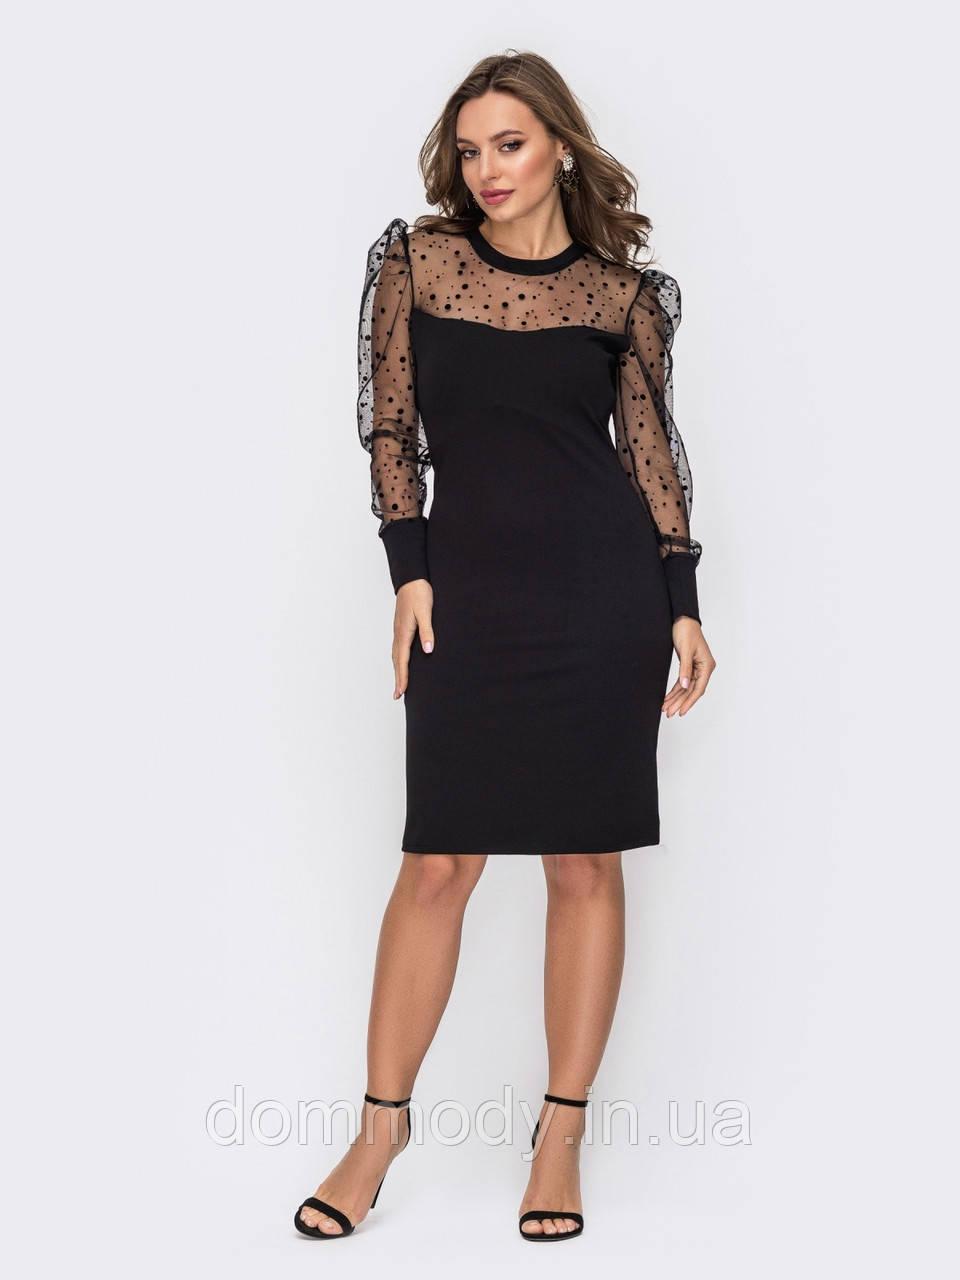 Платье женское Jessica black